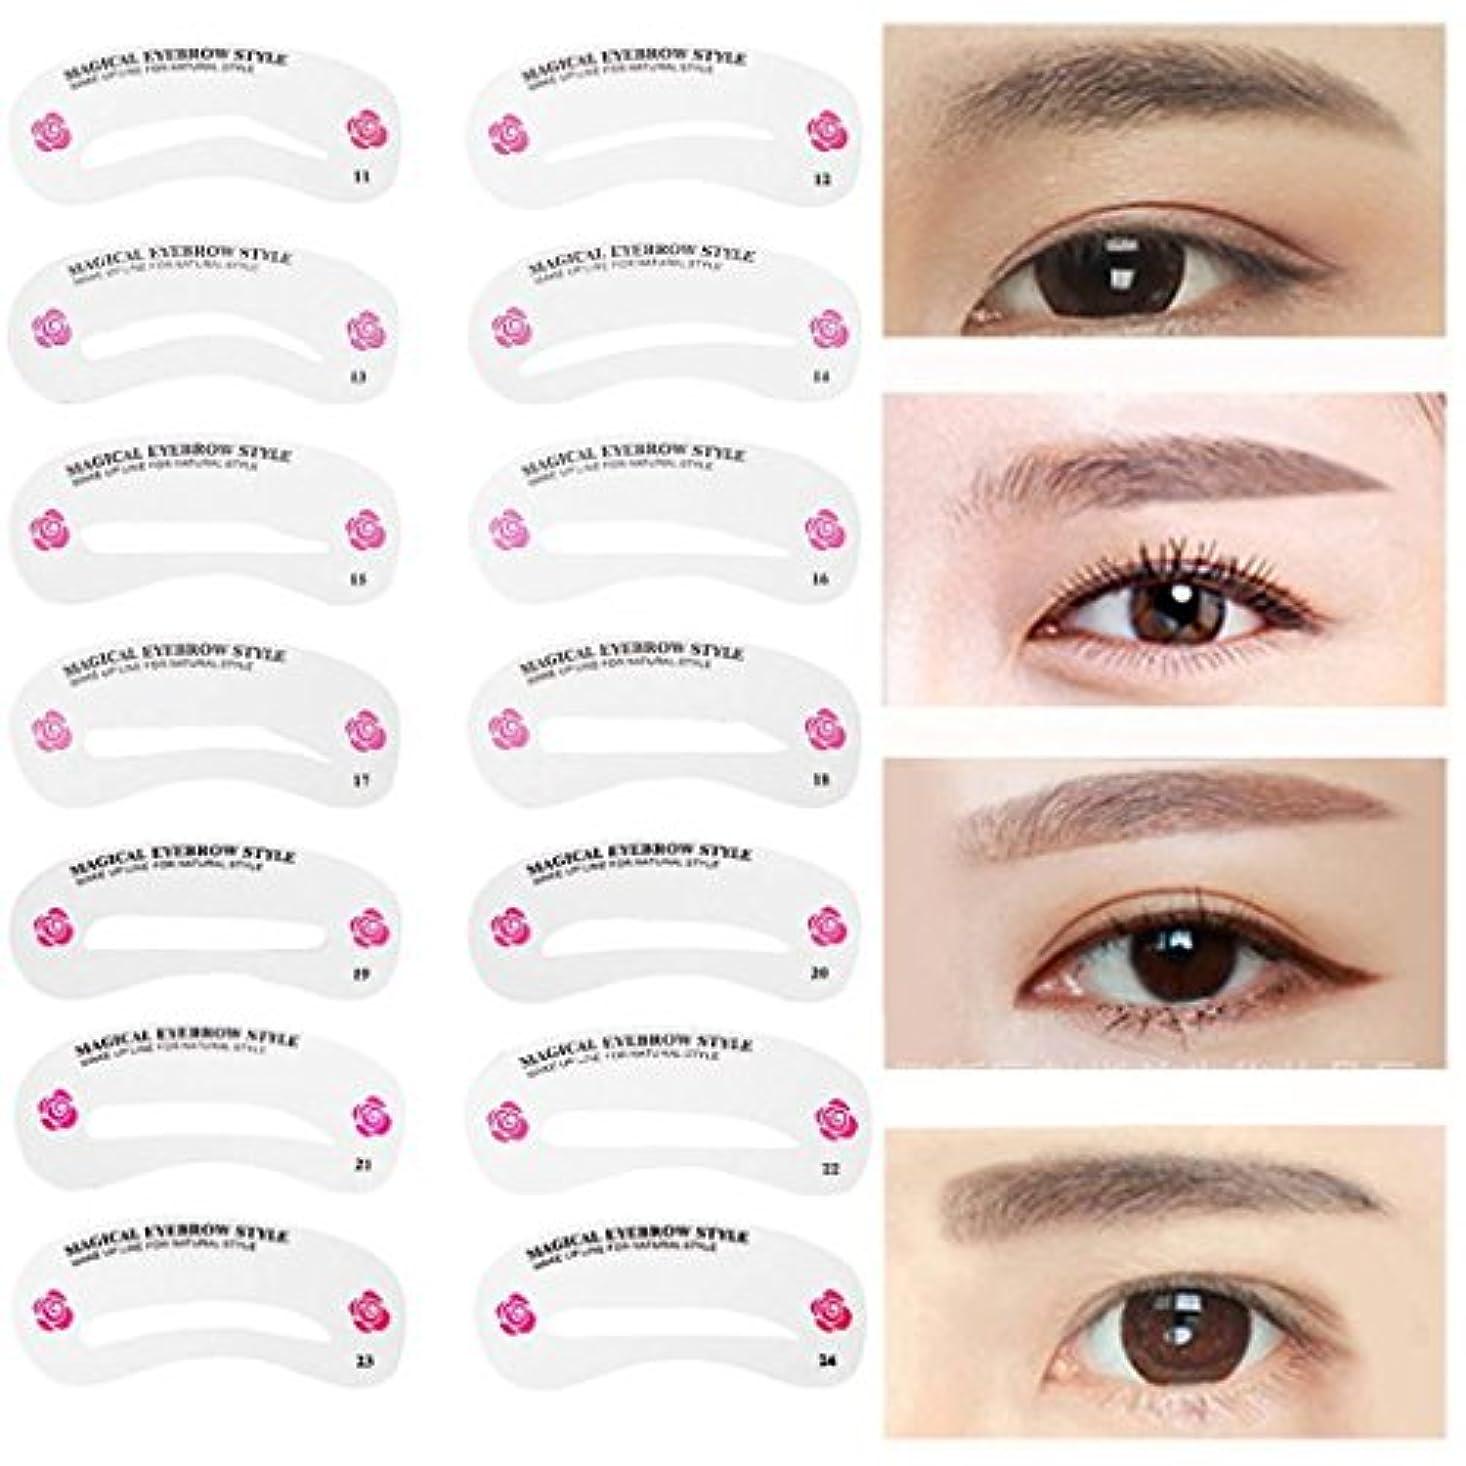 ウイルス静けさ原理MNoel 24種類 眉毛テンプレート24枚セット 太眉対応 24パターン 眉毛を気分で使い分け 眉用ステンシル